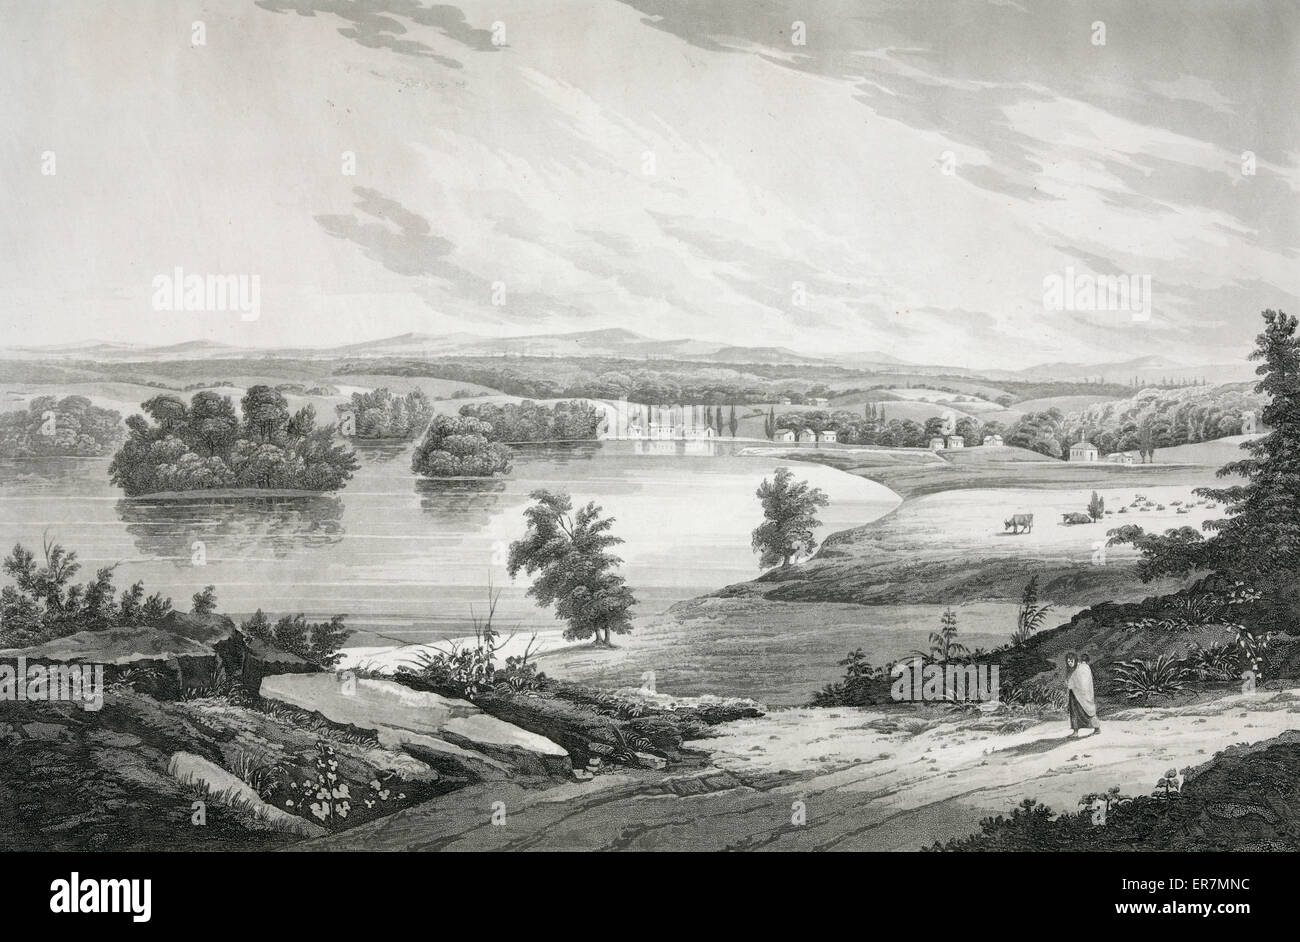 Fort Edward. - Stock Image